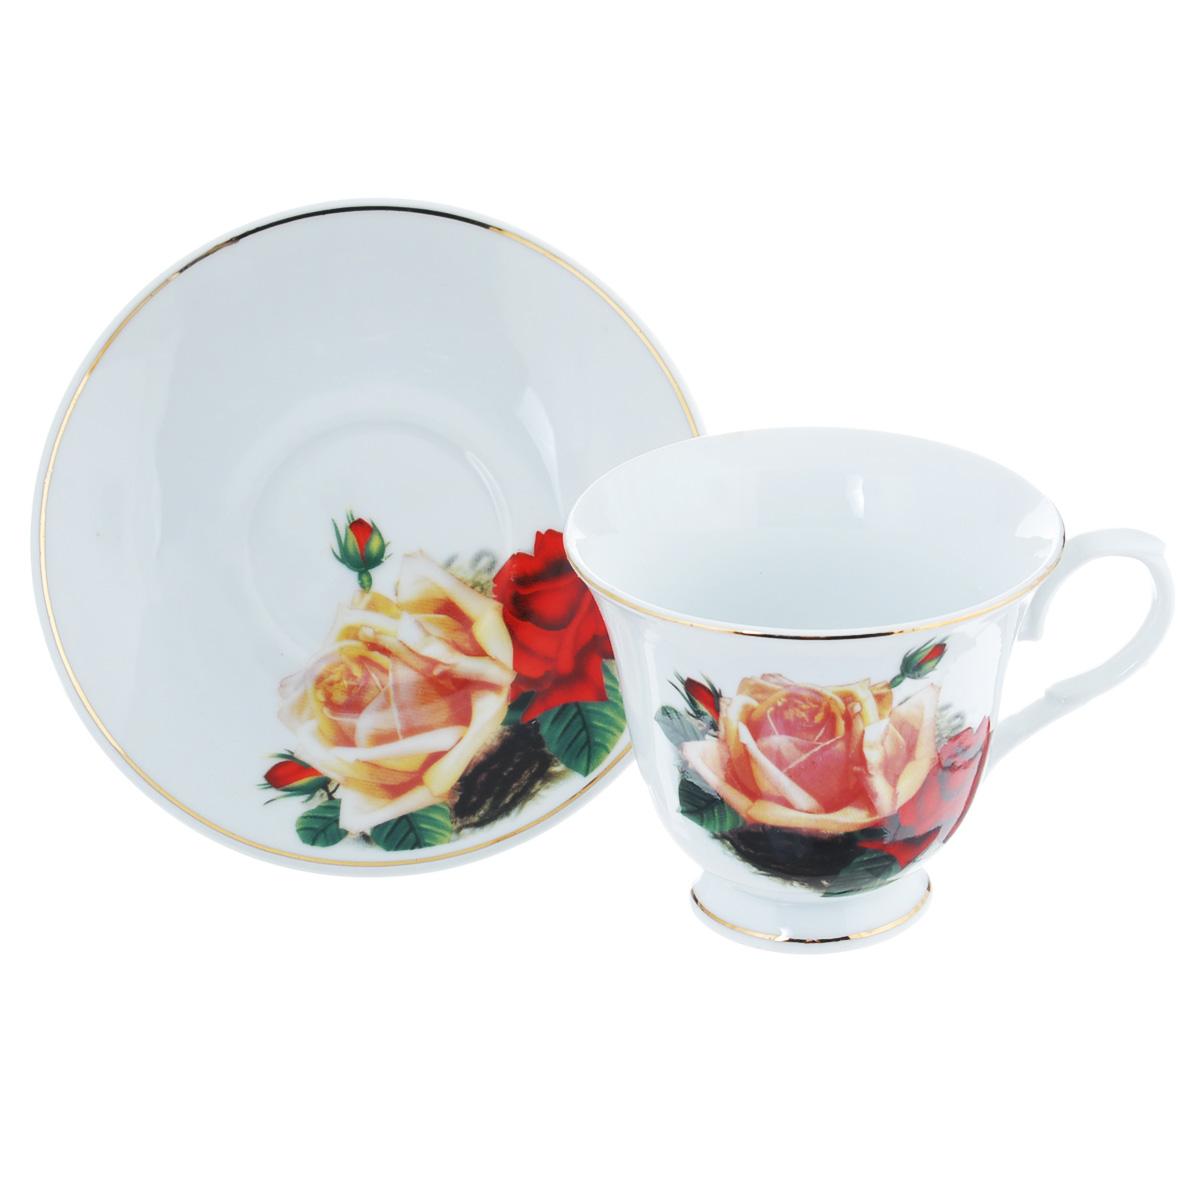 Чайная пара Lillo Поллианна, 2 предметаVT-1520(SR)Чайная пара Lillo Поллианна сочетает в себе изысканный дизайн с максимальной функциональностью. Чашка с блюдцем выполнены из высококачественного фарфора и декорированы золотистой эмалью и цветочным принтом. Оформление придется по вкусу и ценителям классики, и тем, кто предпочитает утонченность и изысканность. Такая чайная пара станет отличным сувениром для ваших друзей и близких.Набор упакован в подарочную коробку, перевязанную атласной лентой.Не рекомендуется использовать в посудомоечной машине и микроволновой печи. Диаметр чашки по верхнему краю: 9,5 см.Высота чашки: 8 см.Объем чашки: 200 мл.Диаметр блюдца: 13,5 см.